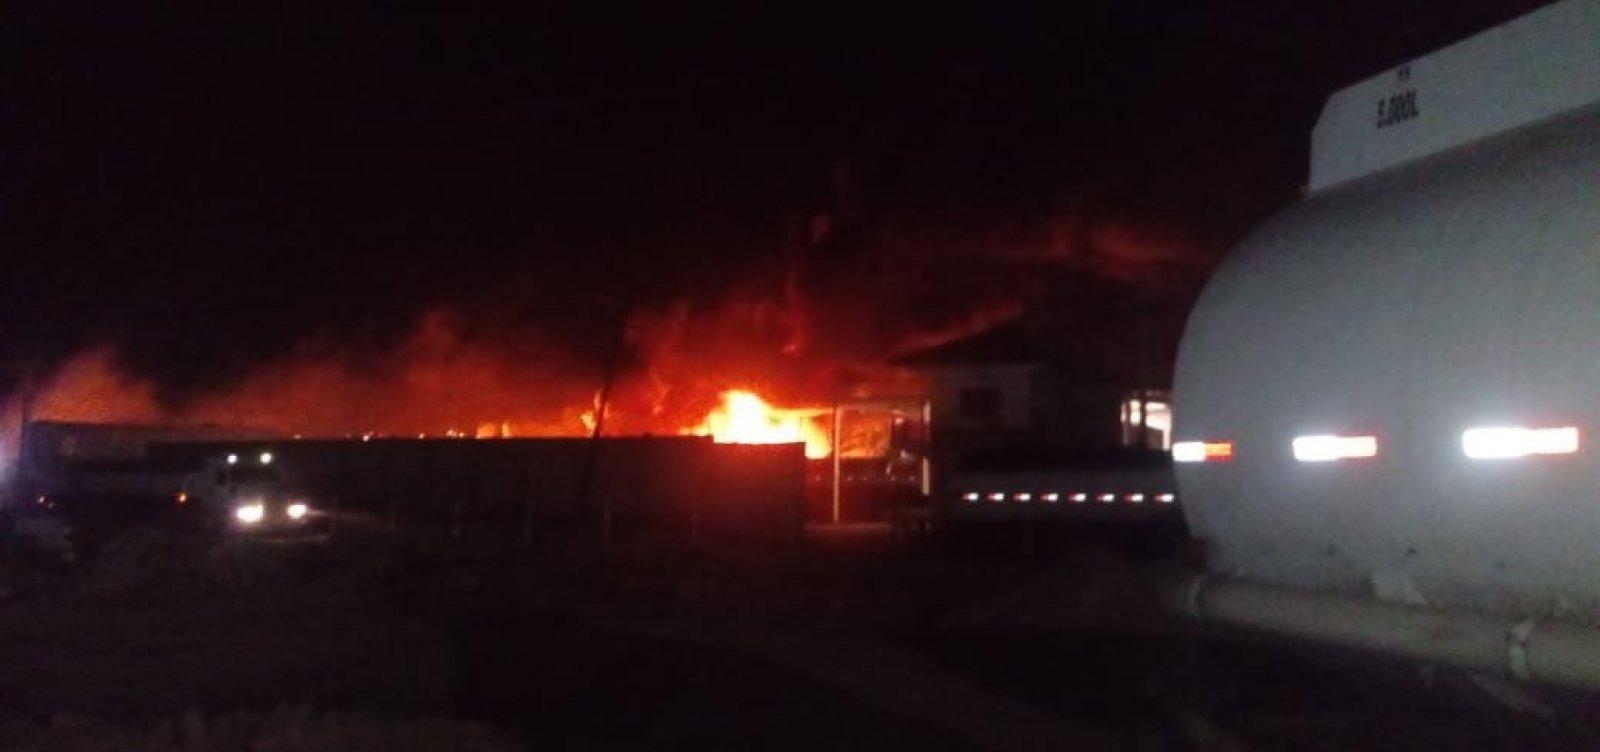 [Explosão em garagem deixa vítima com 95% do corpo queimado em Candeias, na Bahia]